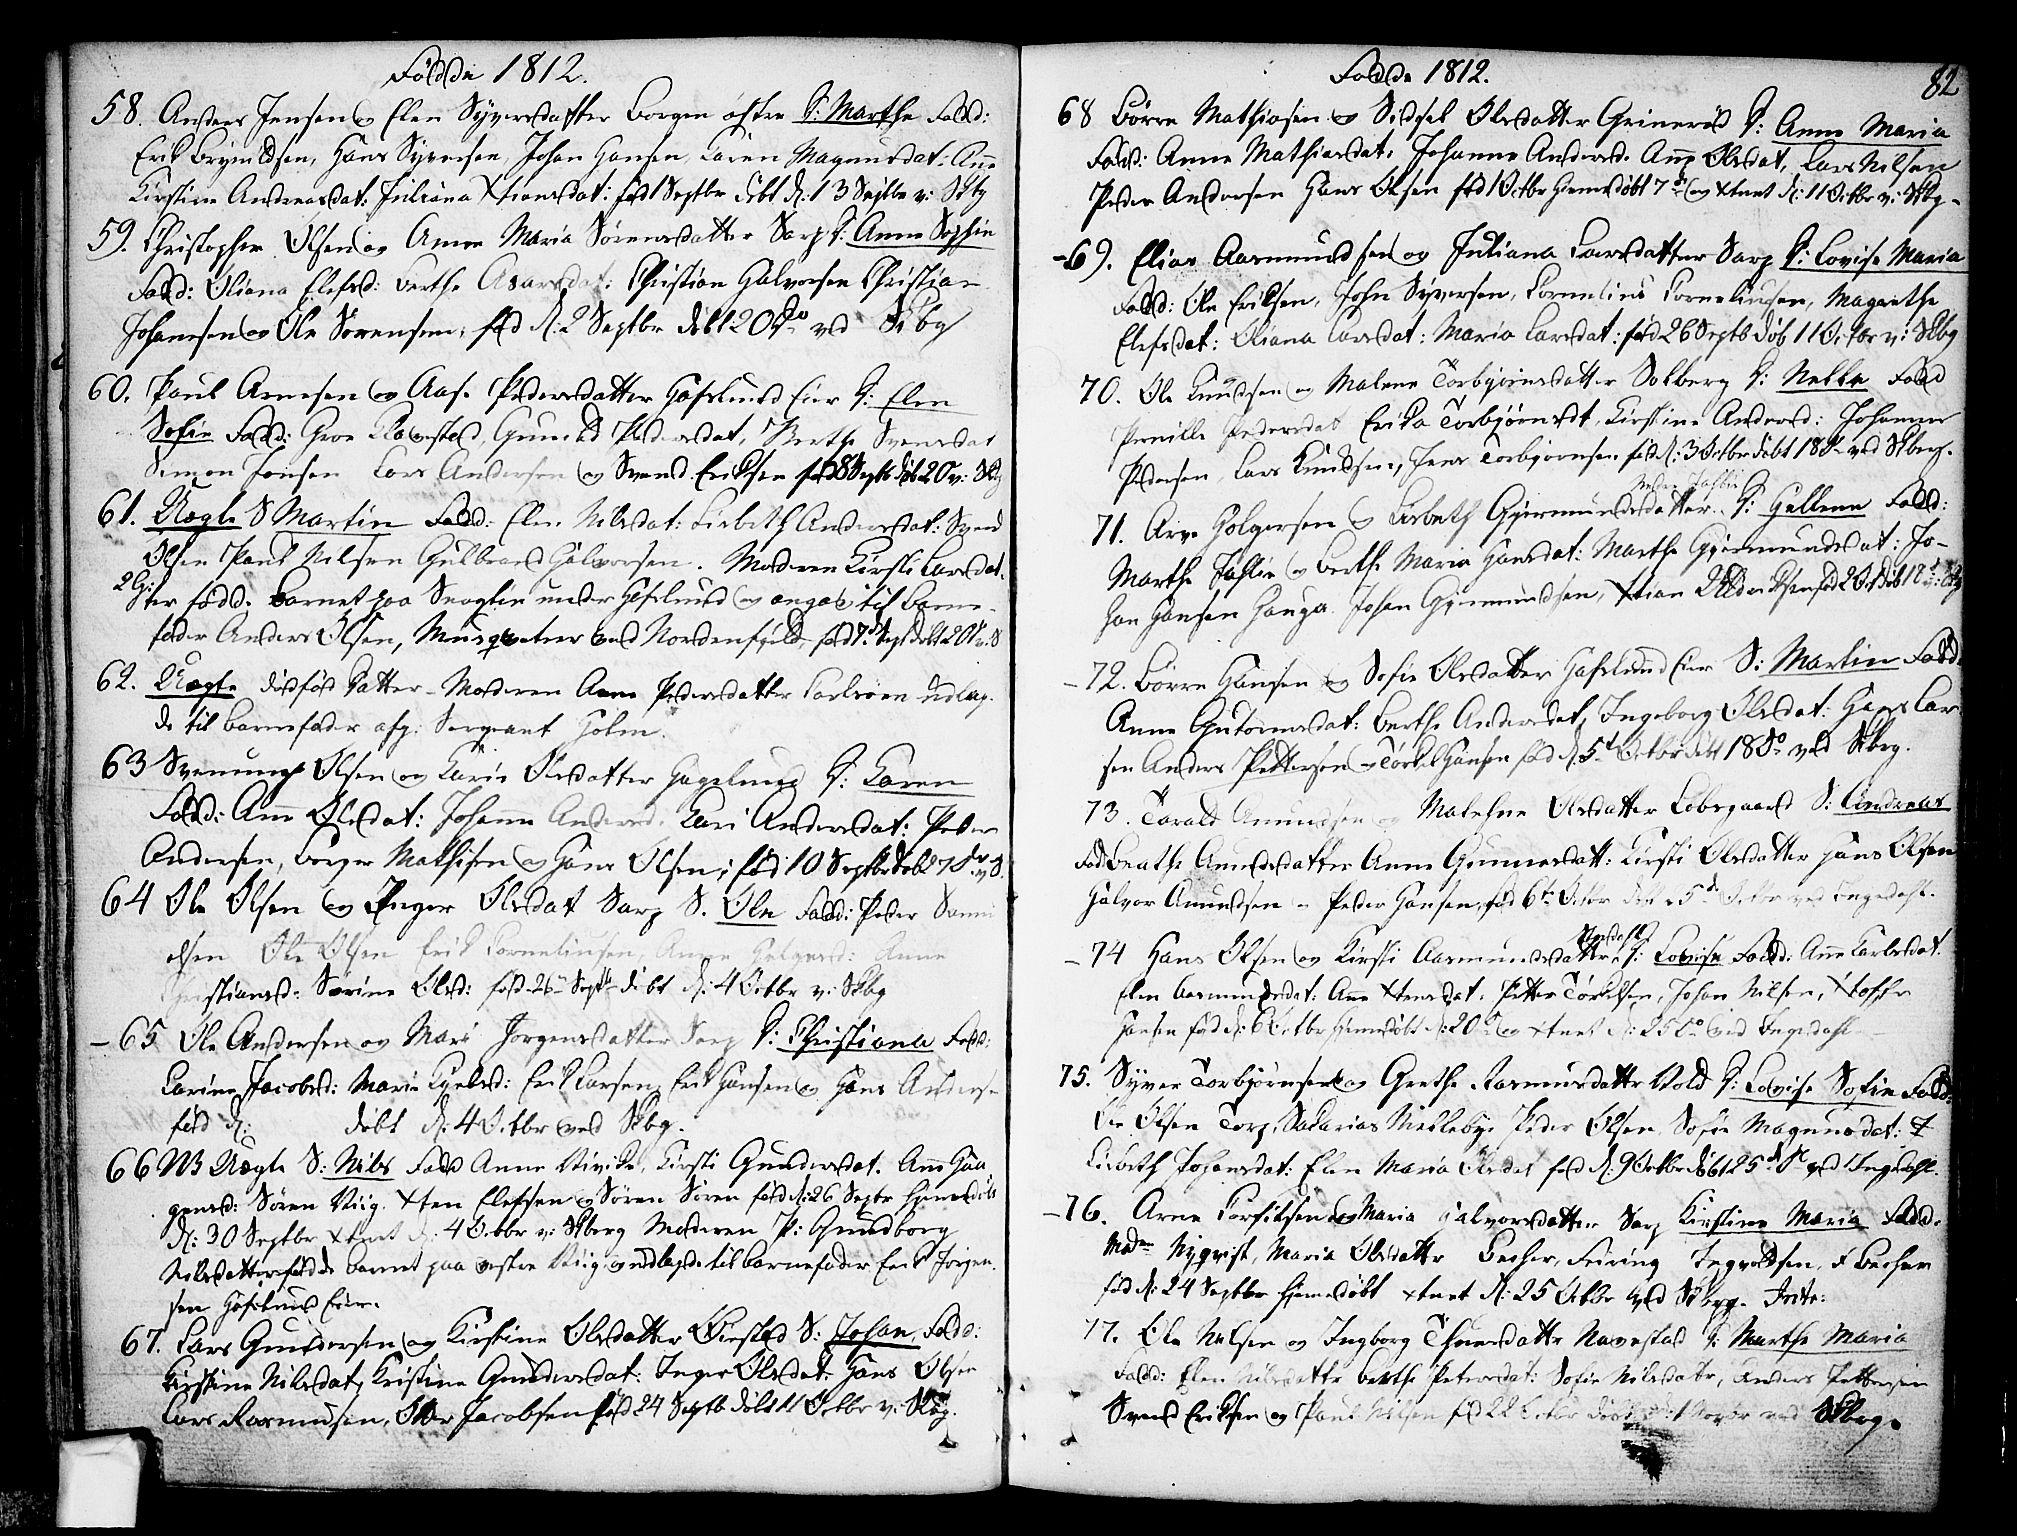 SAO, Skjeberg prestekontor Kirkebøker, F/Fa/L0003: Ministerialbok nr. I 3, 1792-1814, s. 82